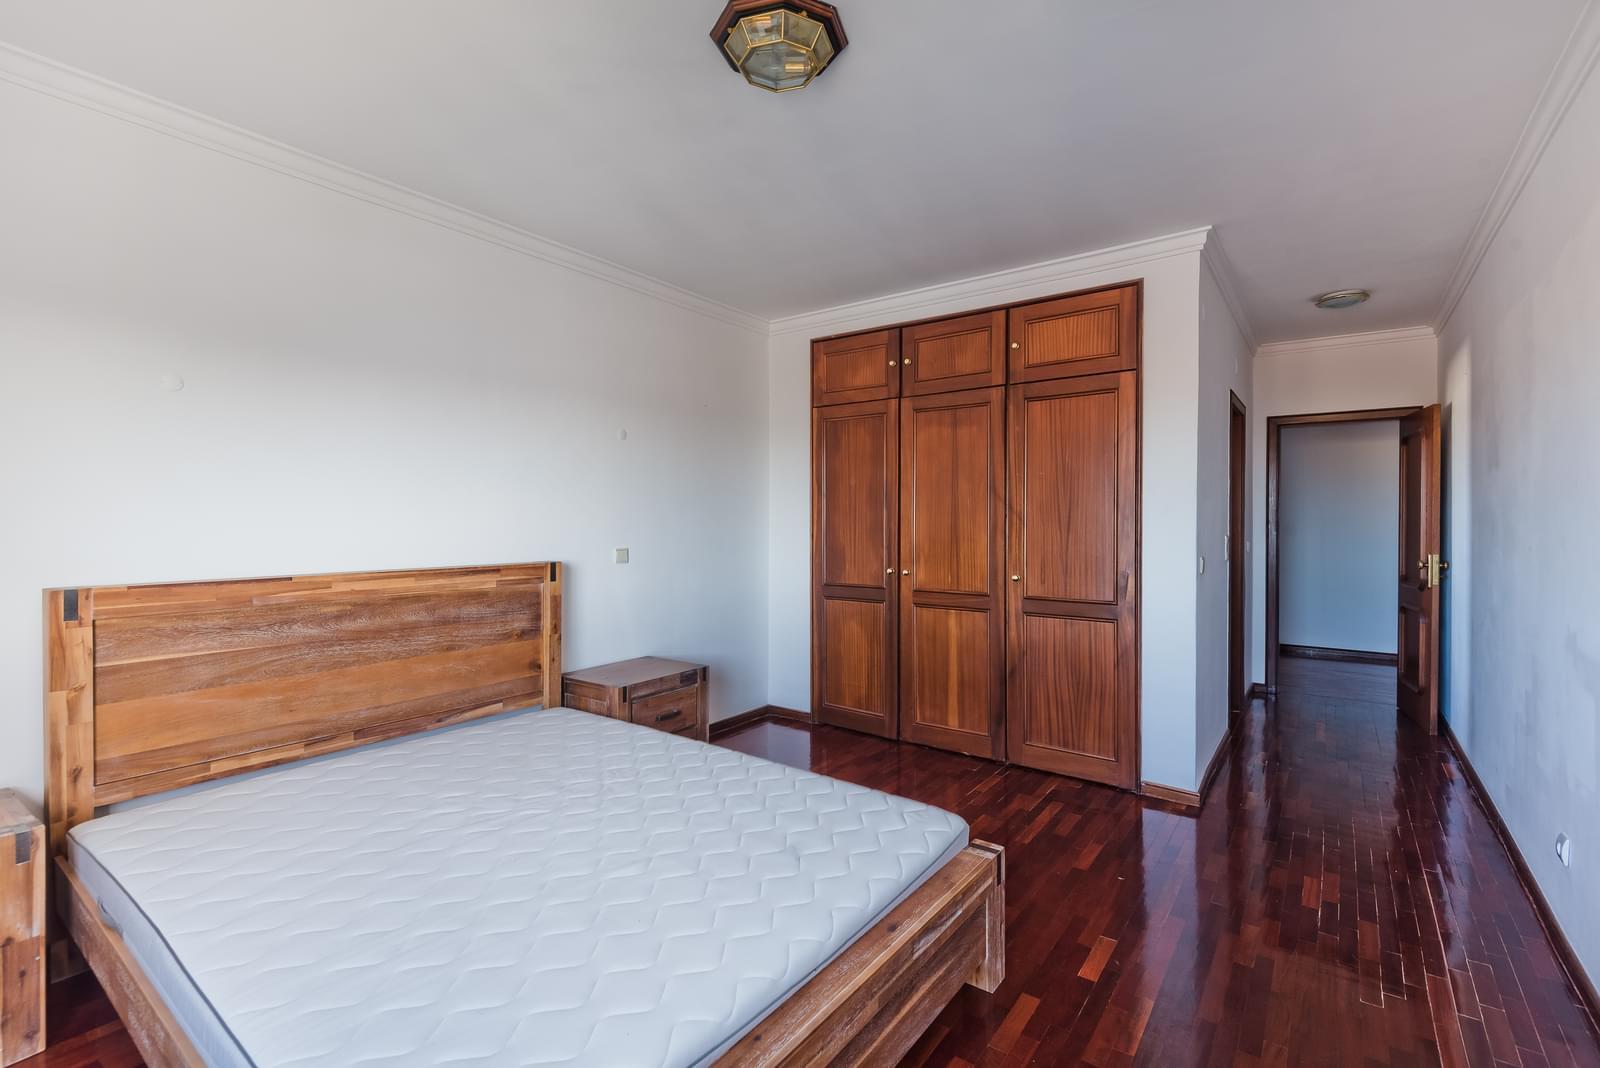 pf18730-apartamento-t2-cascais-803b0792-9786-4cfe-b913-07fbe4631588